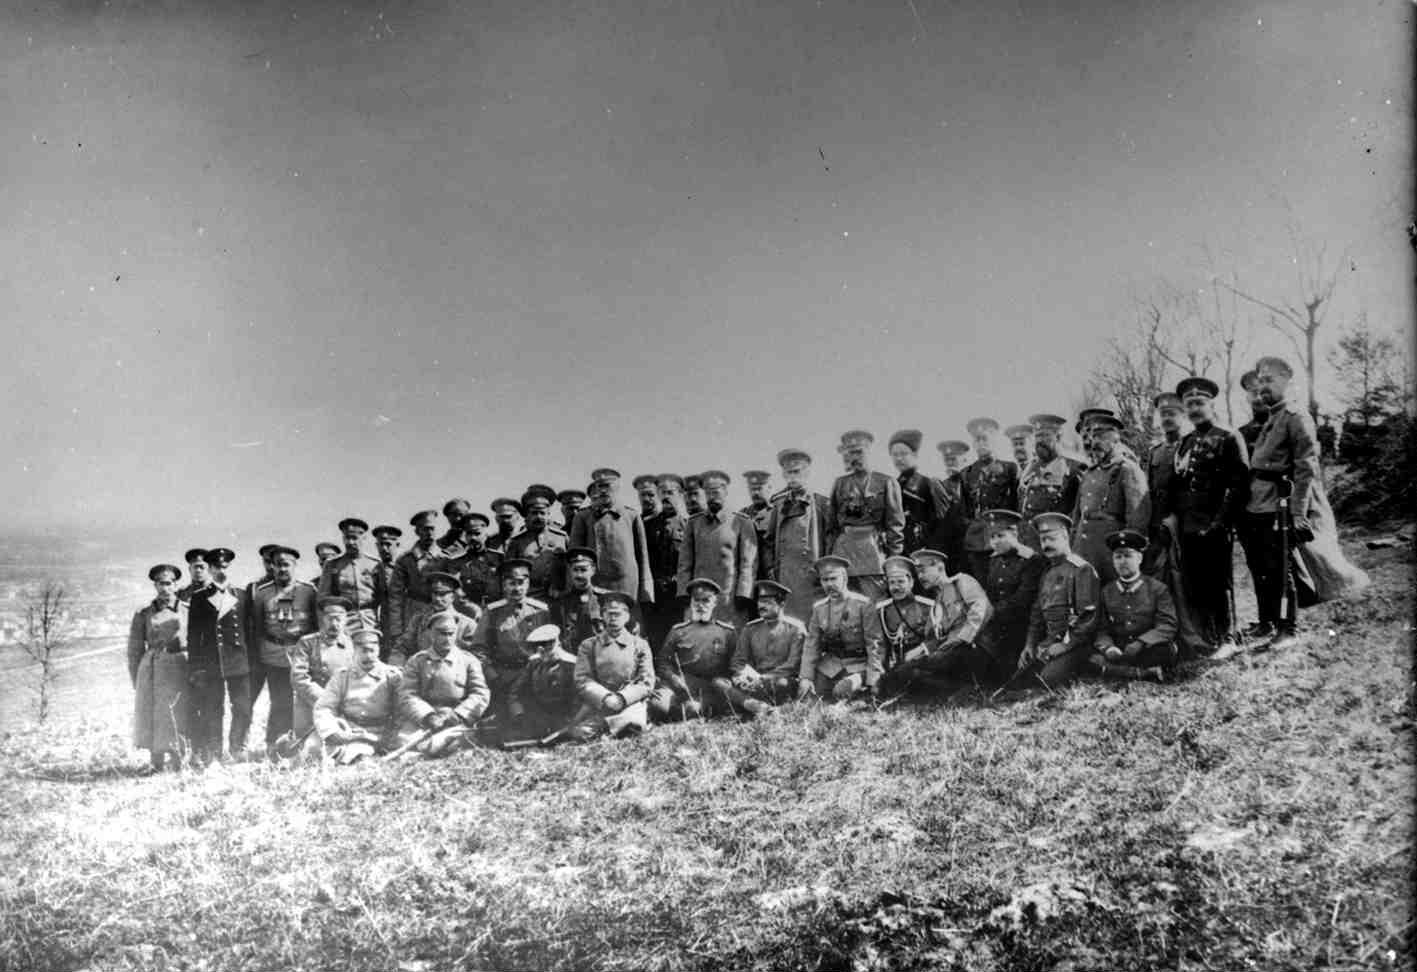 1915. Николай II в группе штабных офицеров на австрийском фронте. Перемышль, 11 апреля